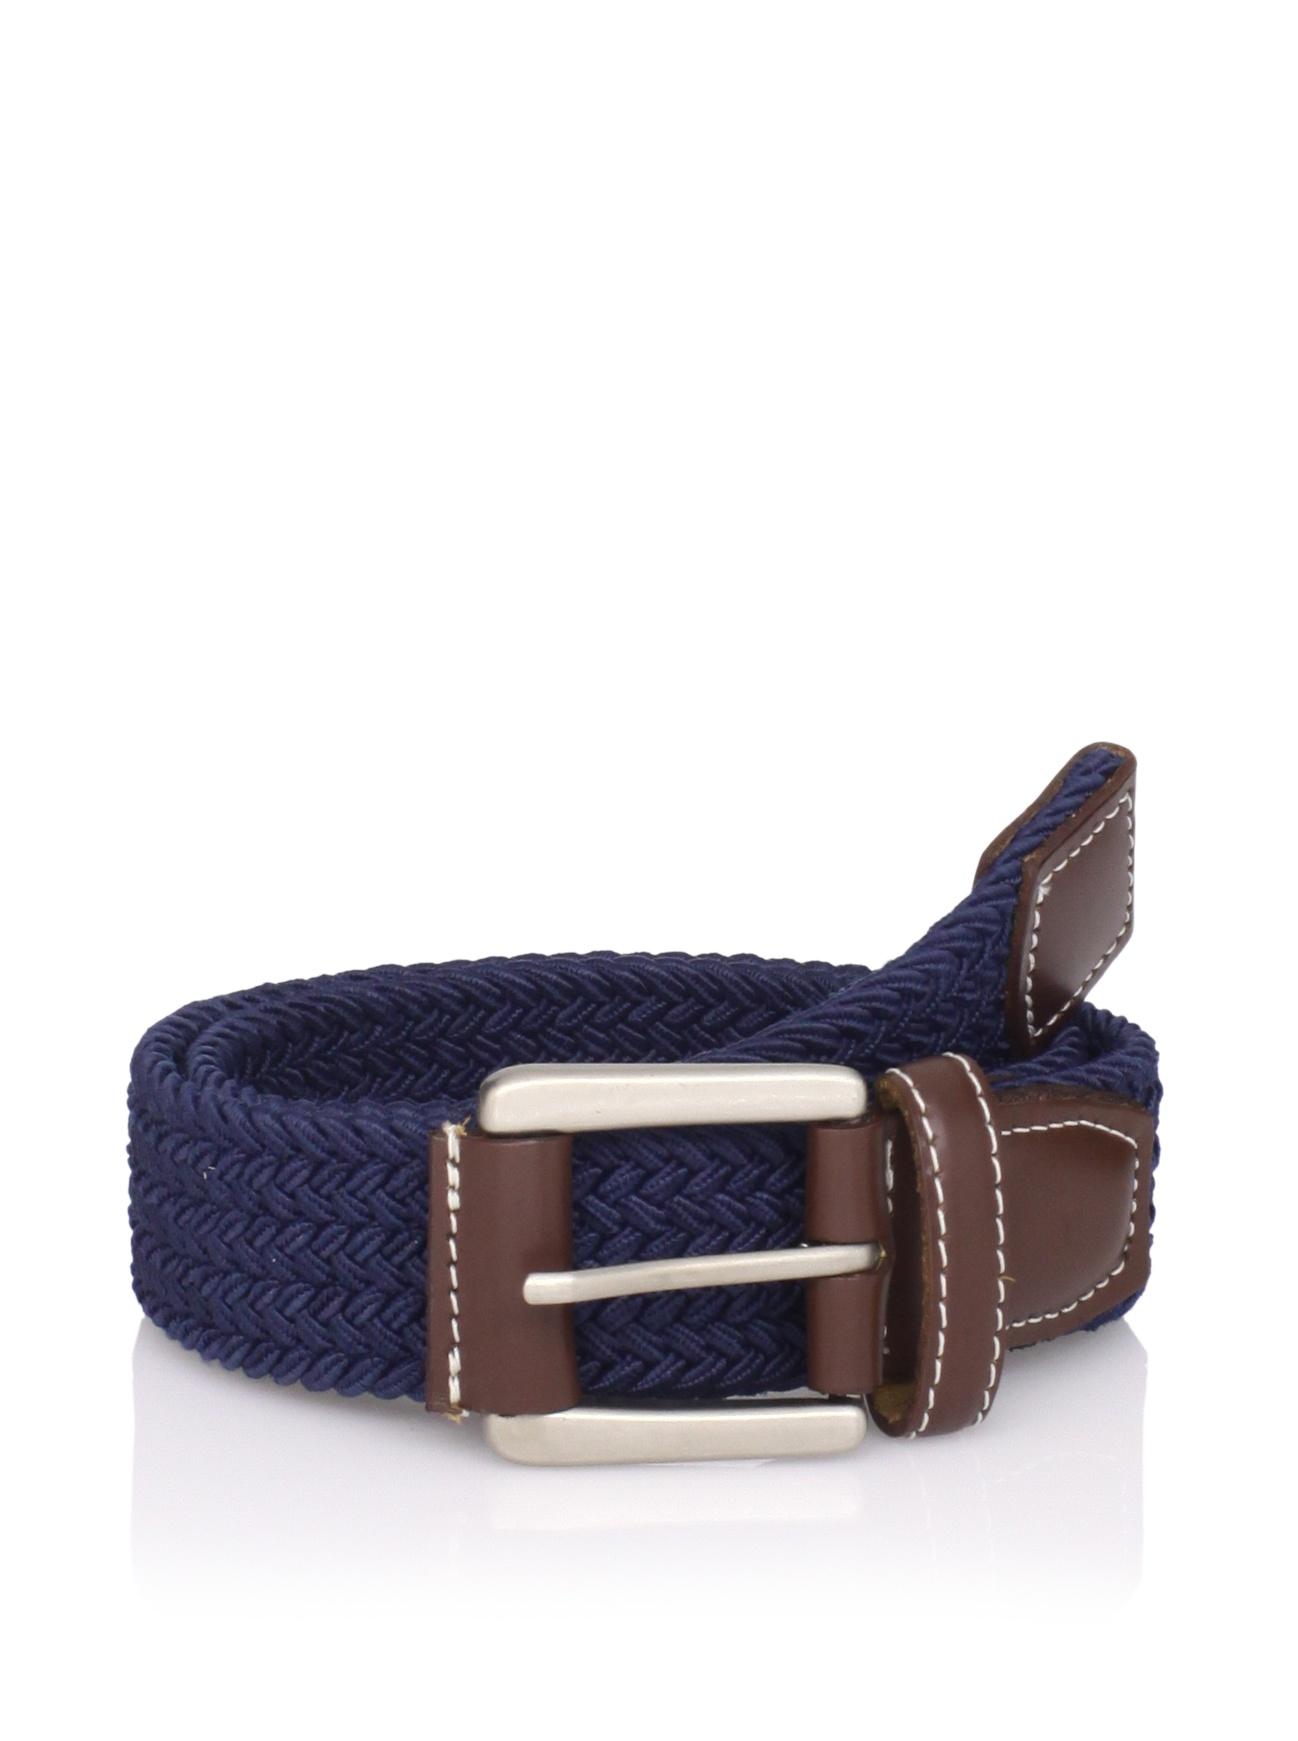 Ike Behar Boy's Casual Woven Belt (Navy)